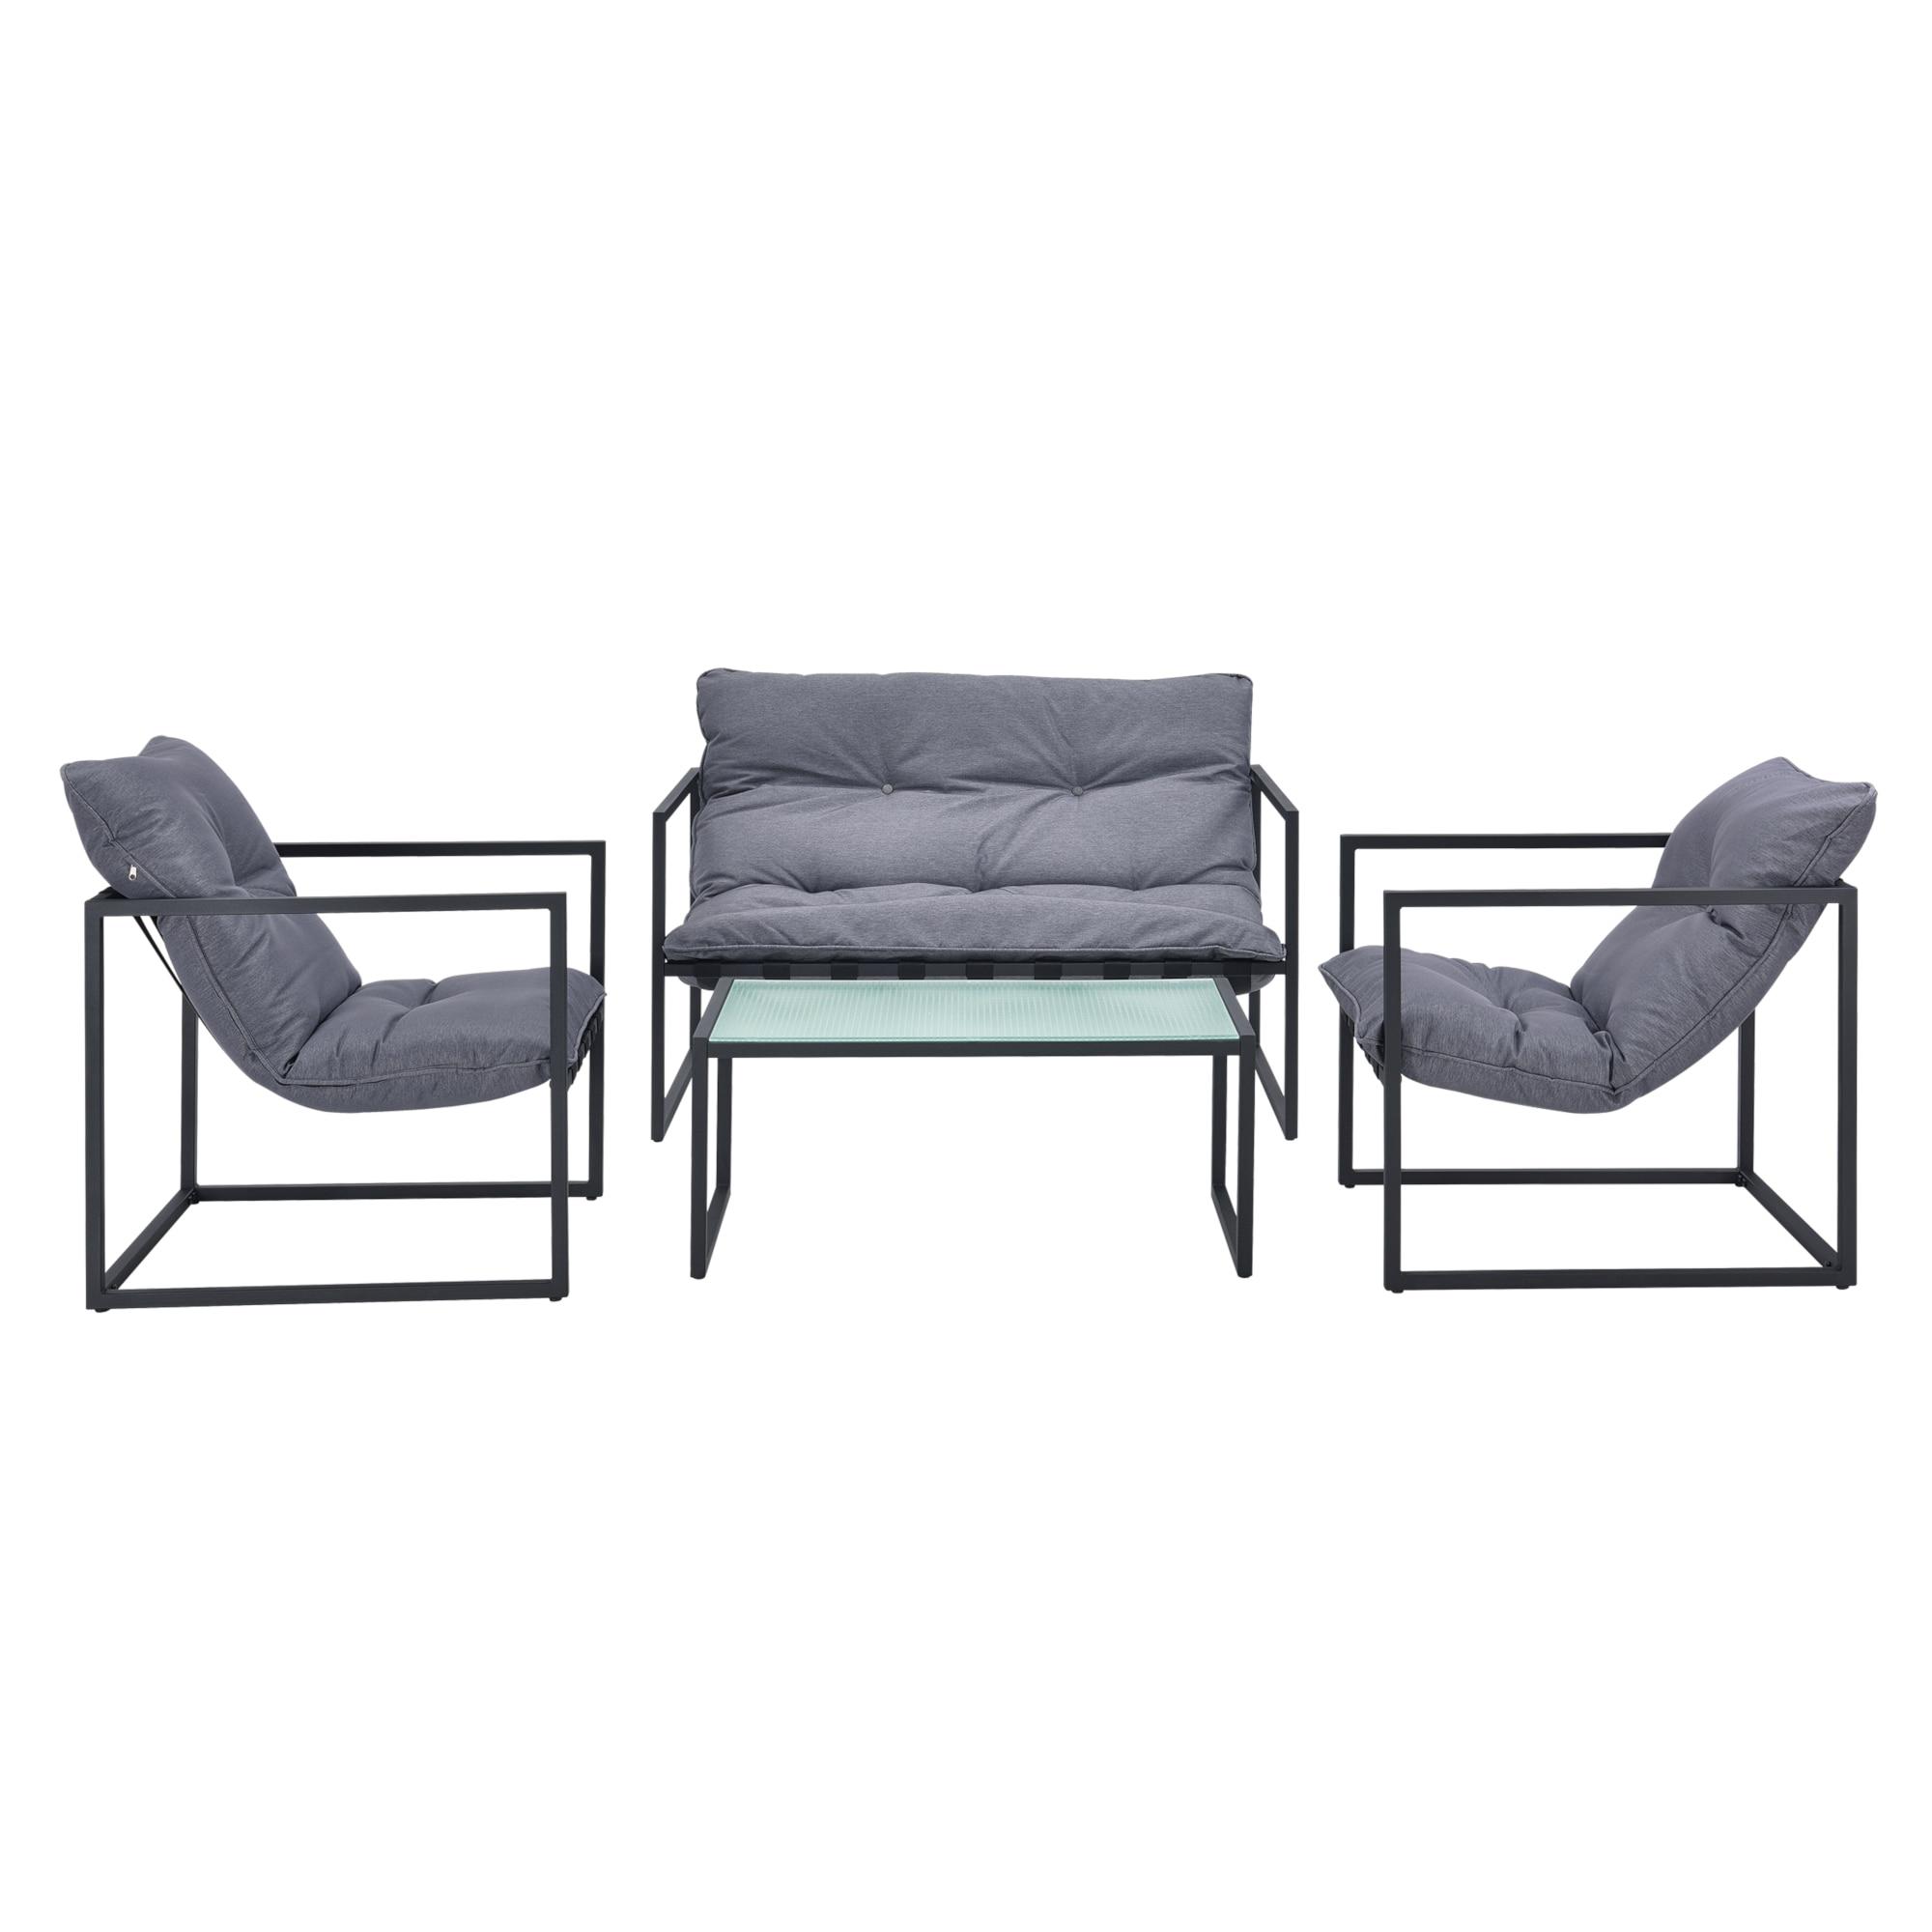 Kerti bútor szett 4 részes kertibútor garnitúra kültéri bútor garnitúra fotel pad dohányzóasztal feketeszürke [casa.pro]® eMAG.hu